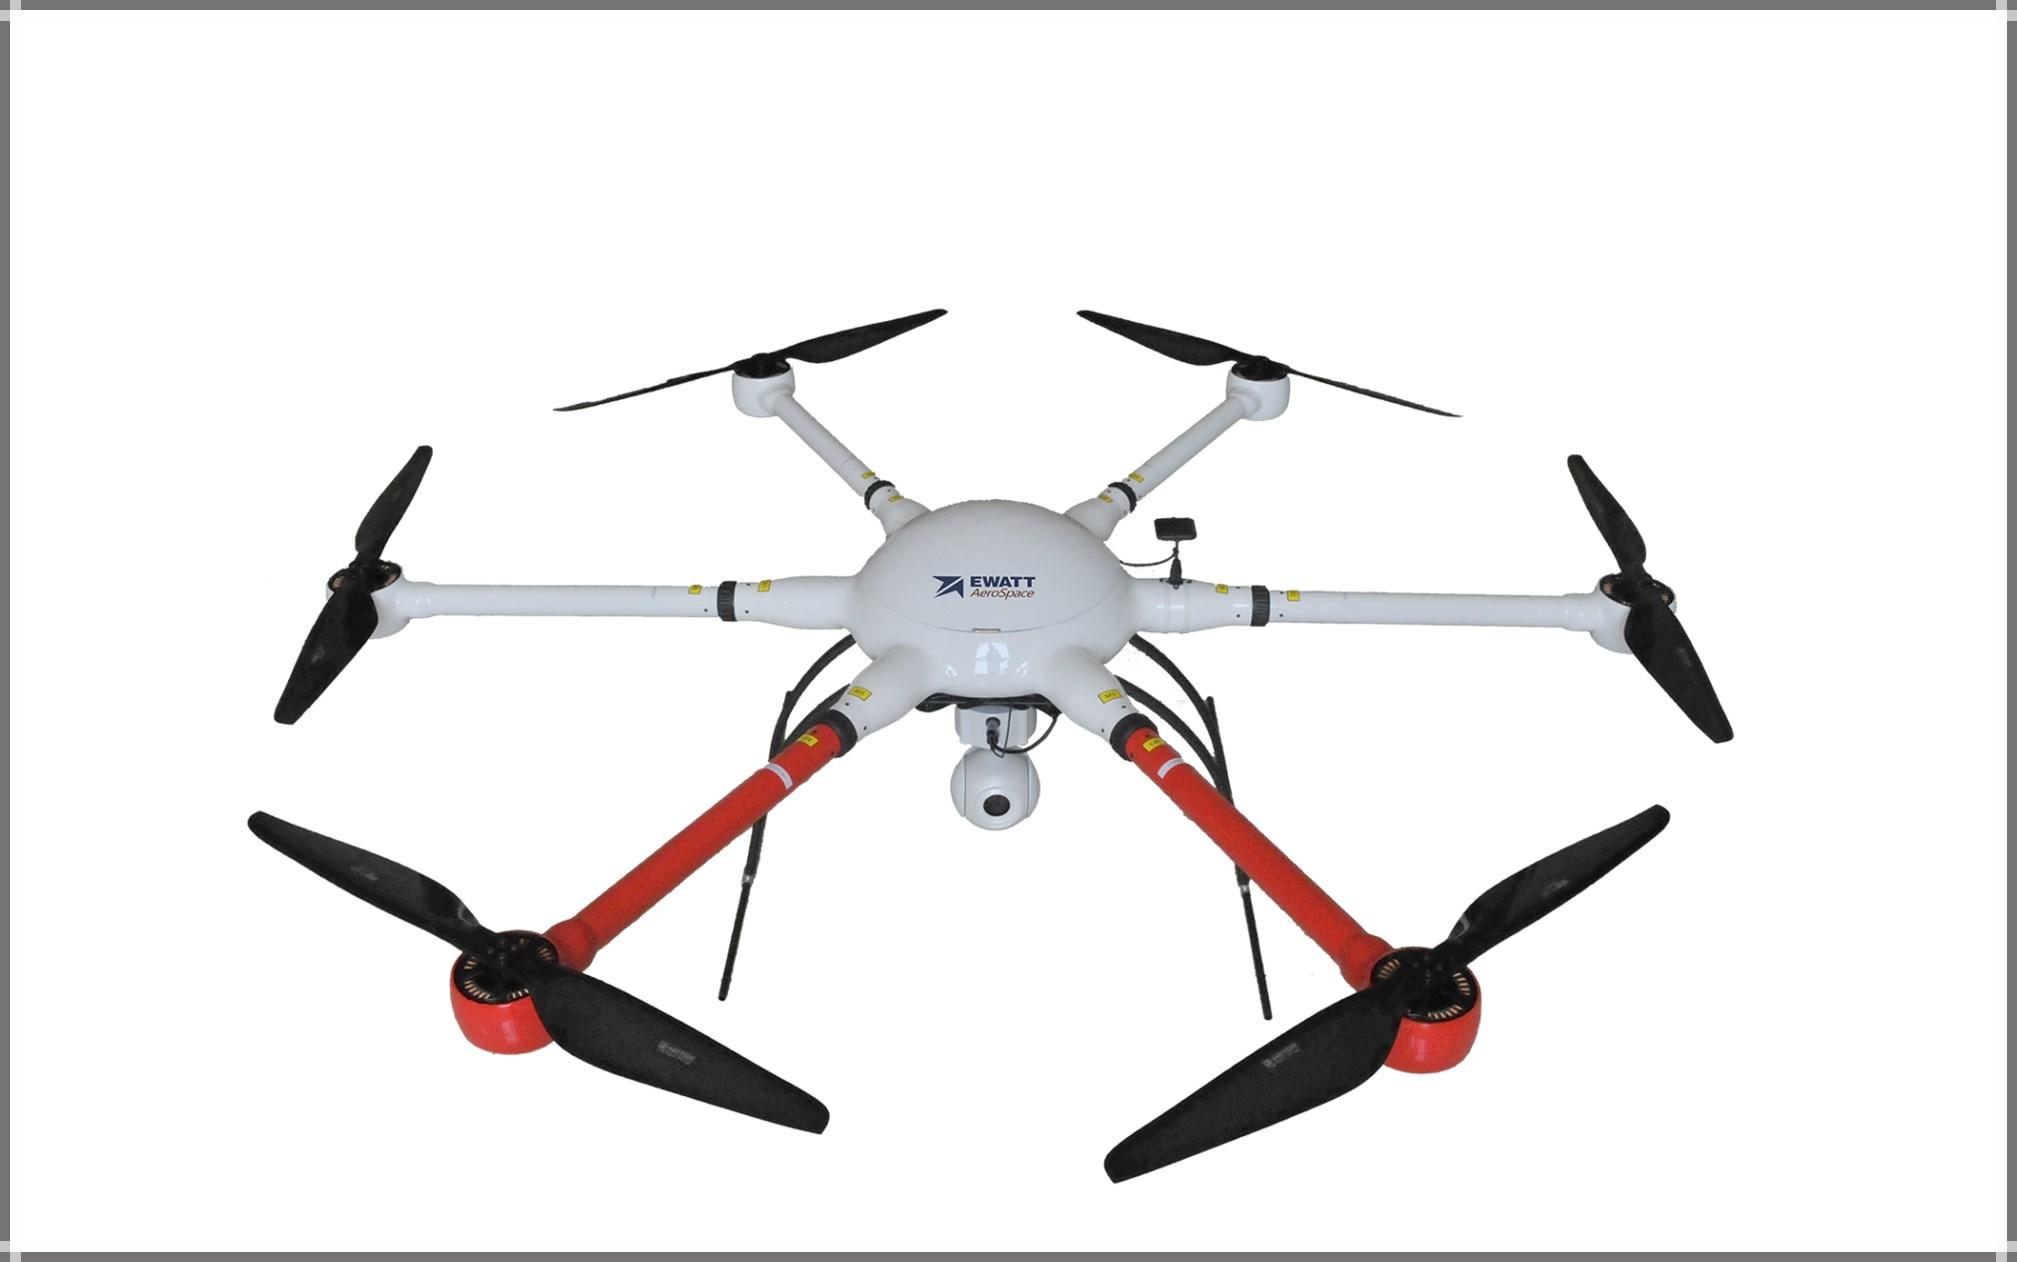 EWZ-D6 Long-endurance Hexacopter